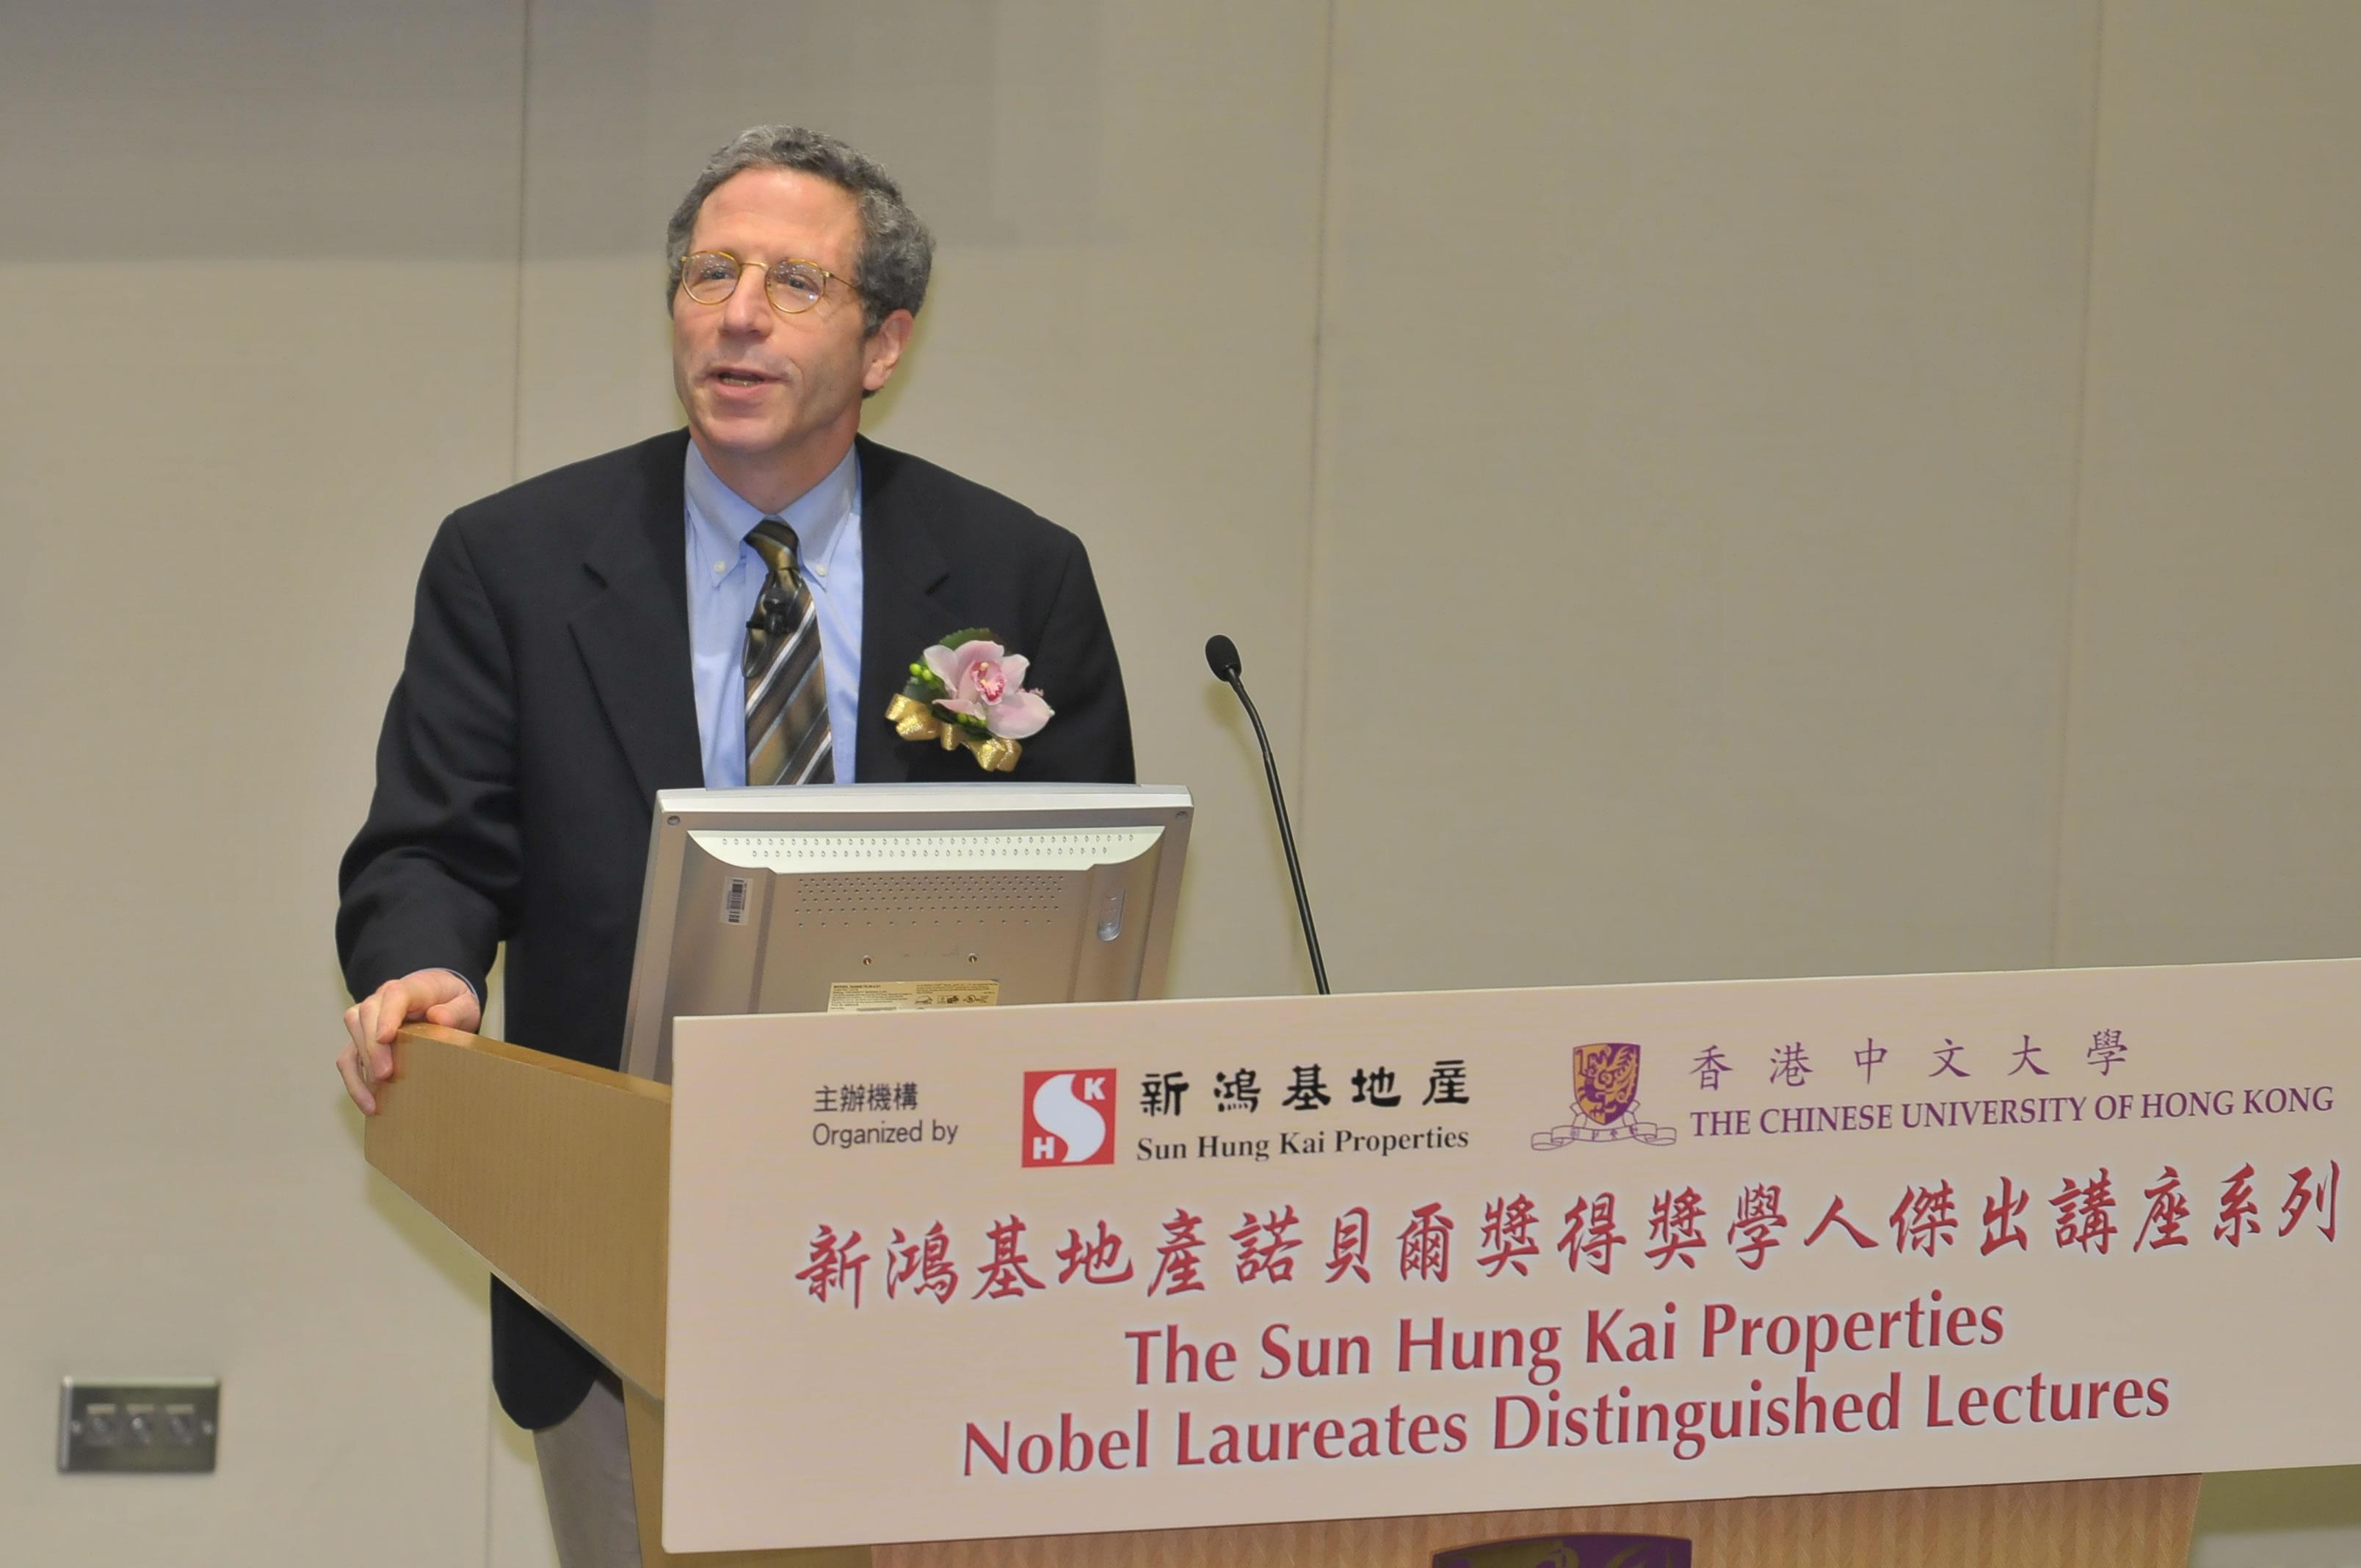 2007年經濟學獎得主艾力克‧馬斯金教授